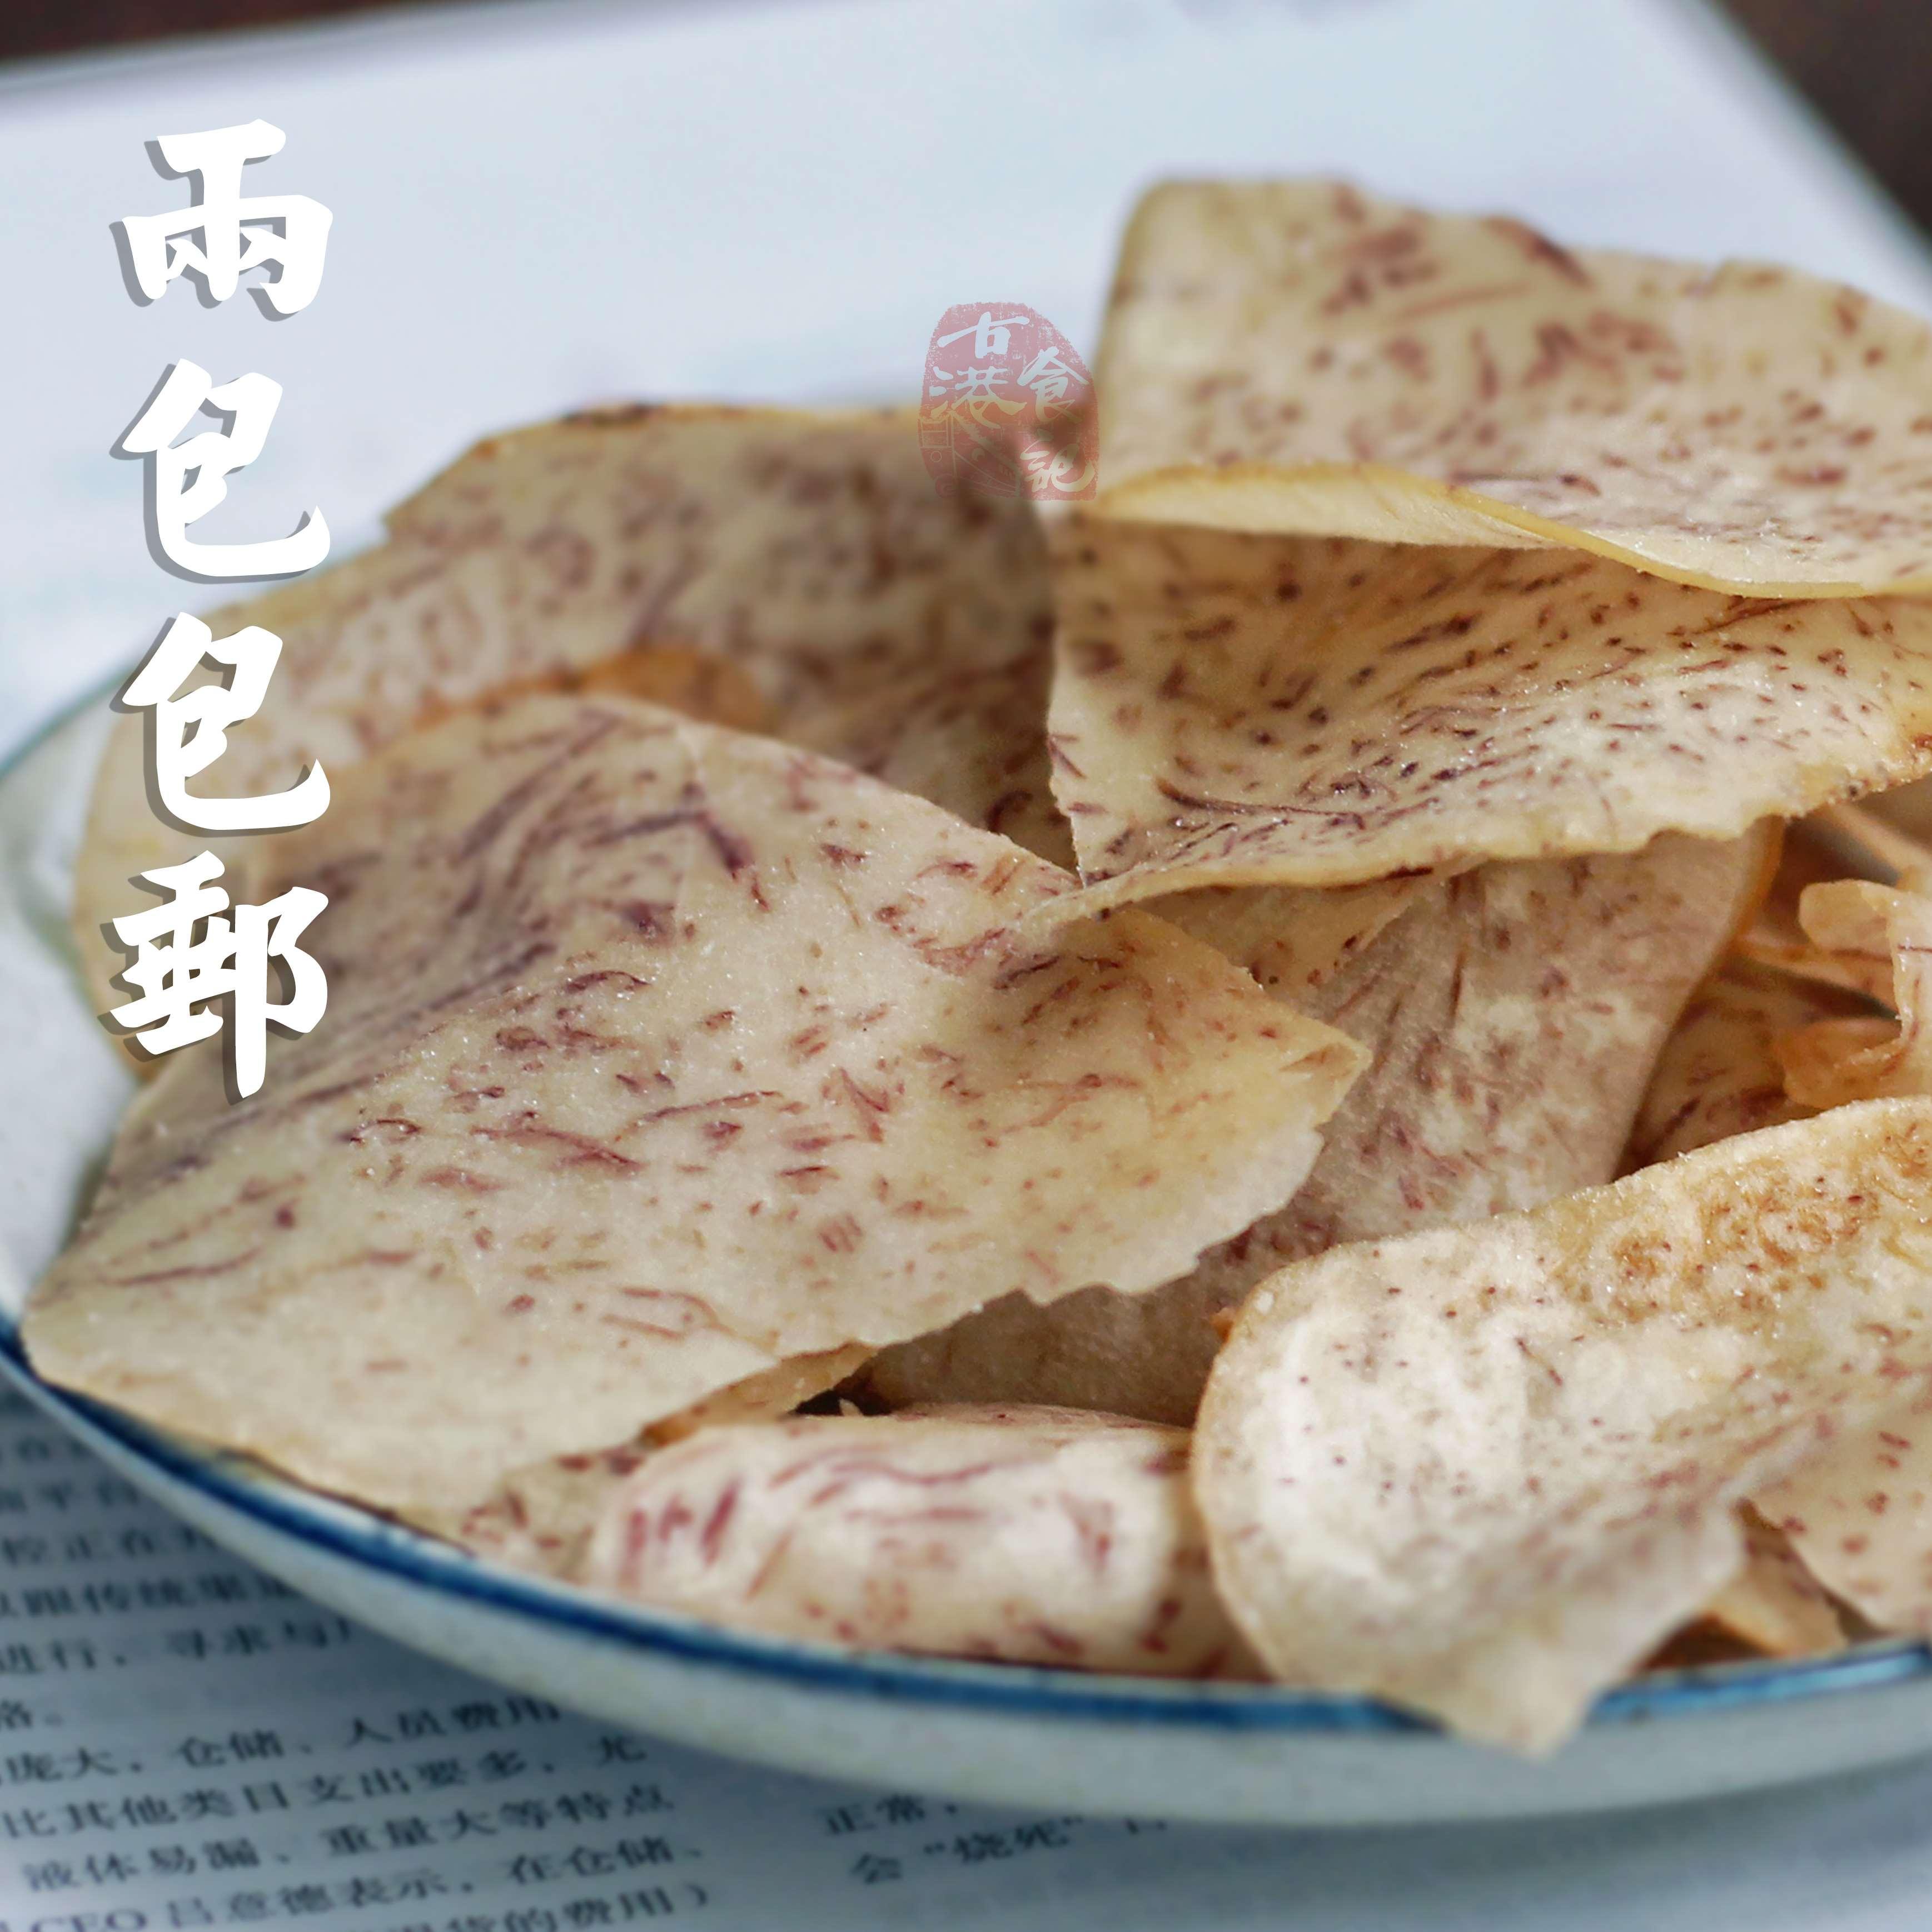 古港食记|潮汕特产薄脆香芋片芋酥片 椒盐咸香手工芋头片零食100g